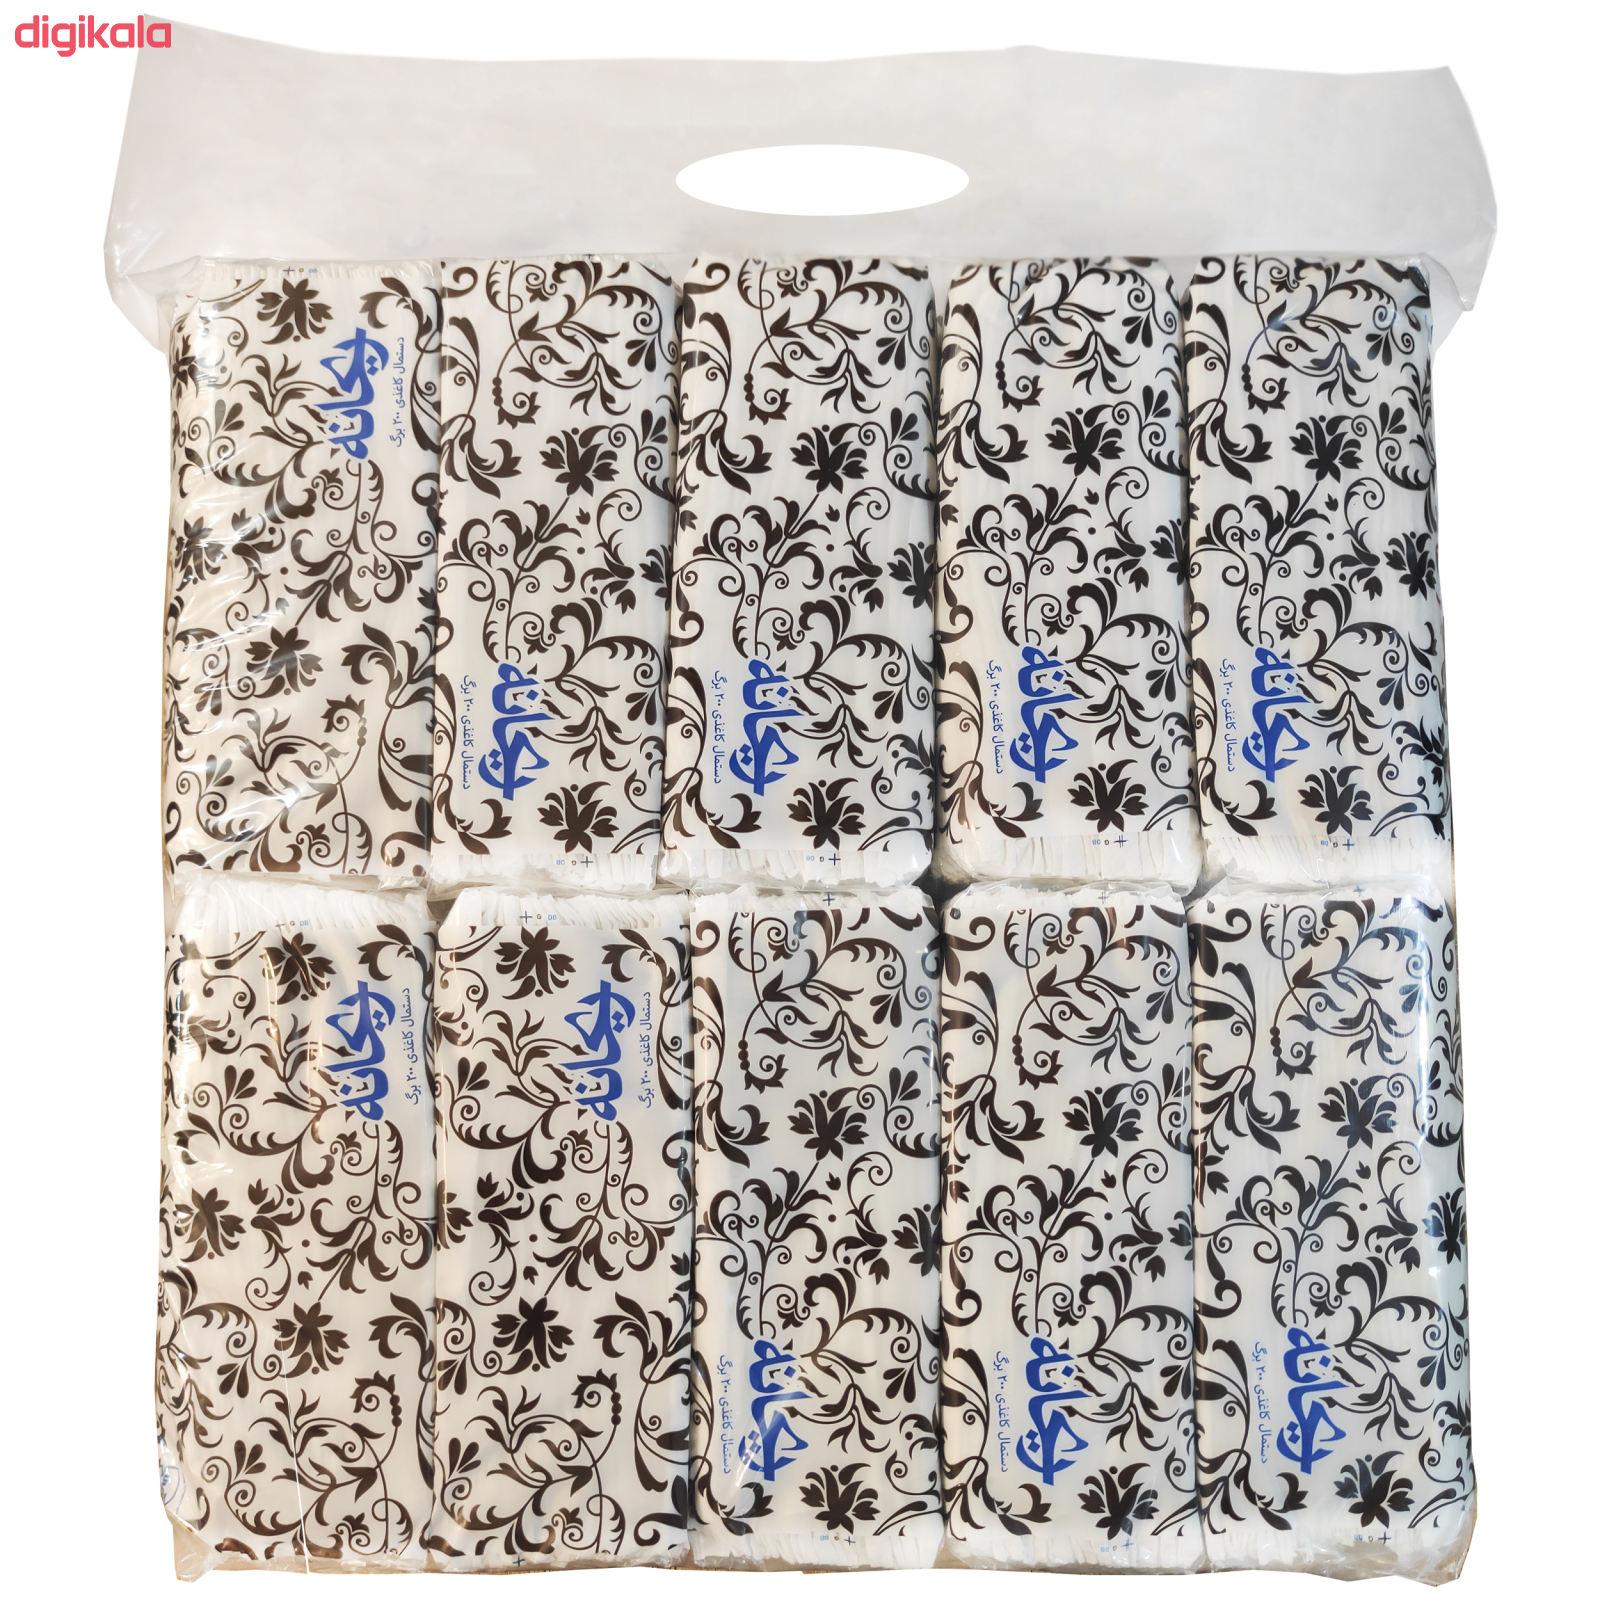 دستمال کاغذی 100 برگ ریحانه مدل Black-Rose بسته 10 عددی main 1 1